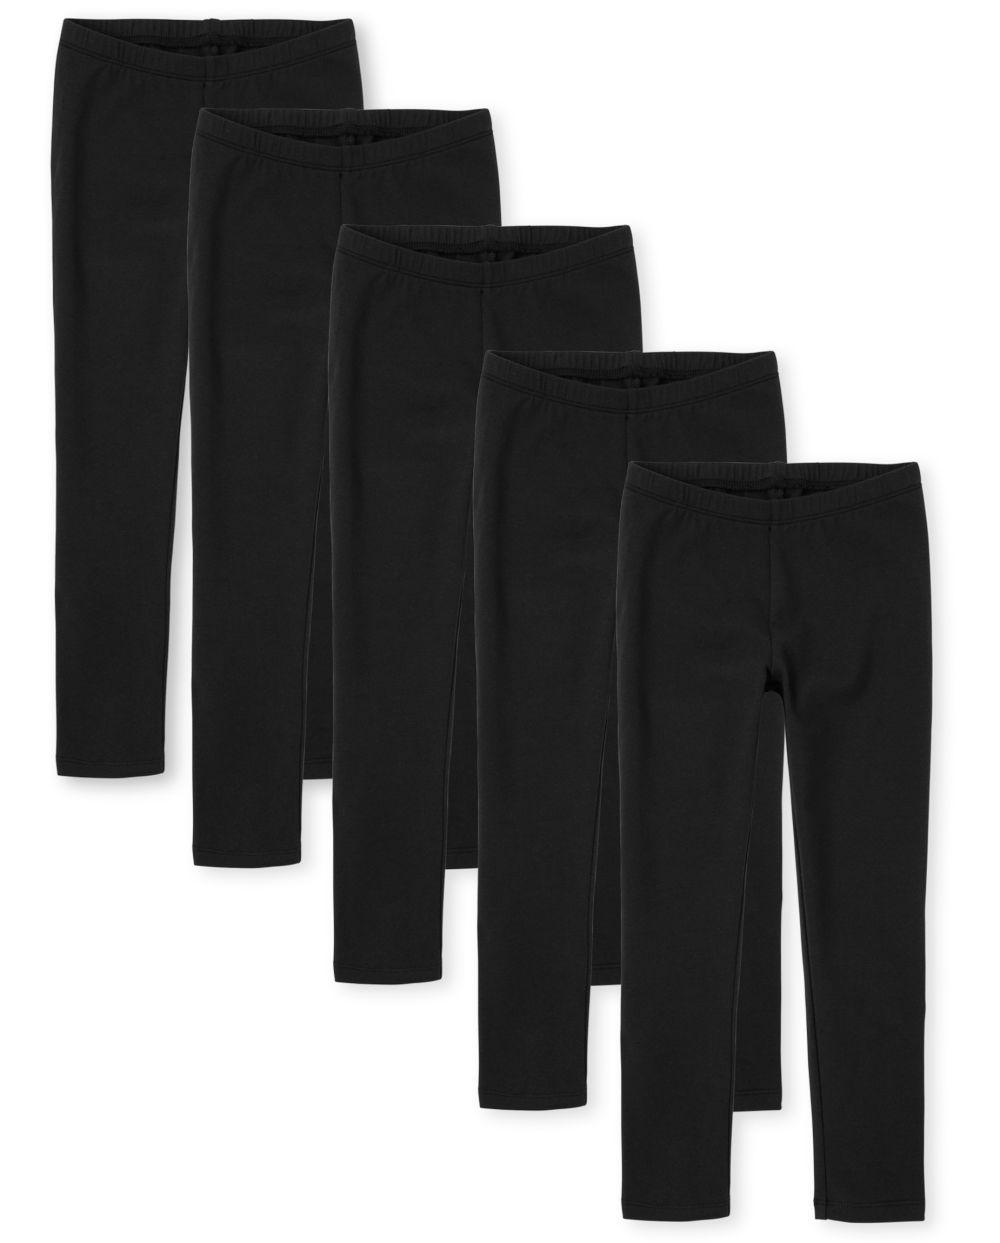 Girls Leggings 5-Pack